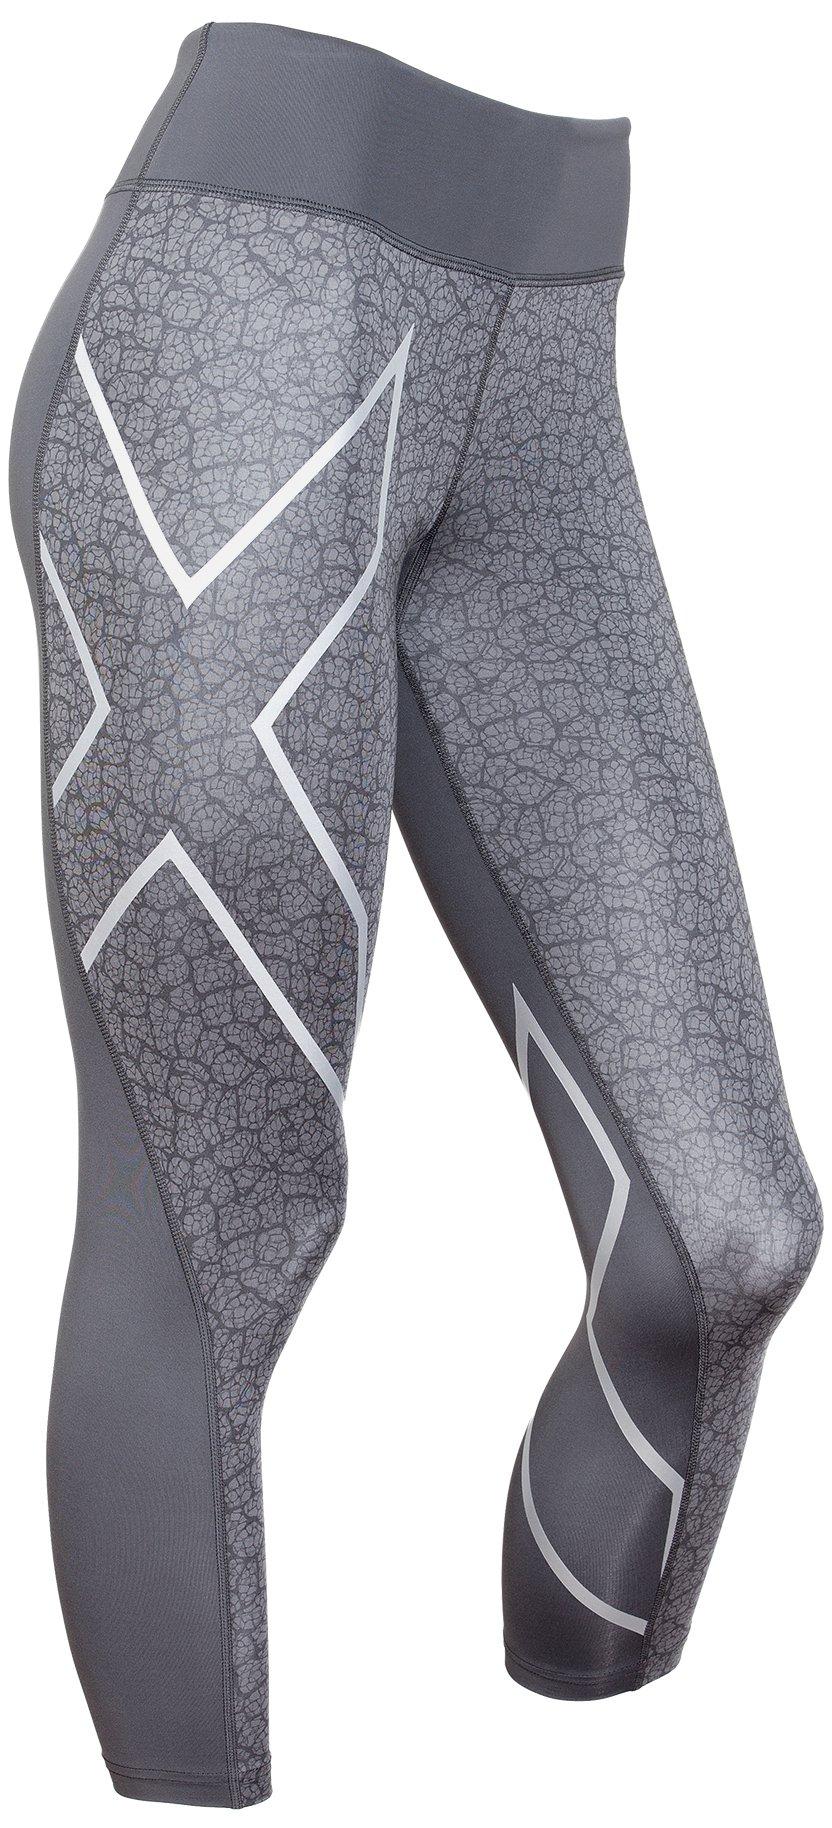 2XU Women's Mid-Rise 7/8 Compression Tights, Dark Slate/Bone Print, X-Small